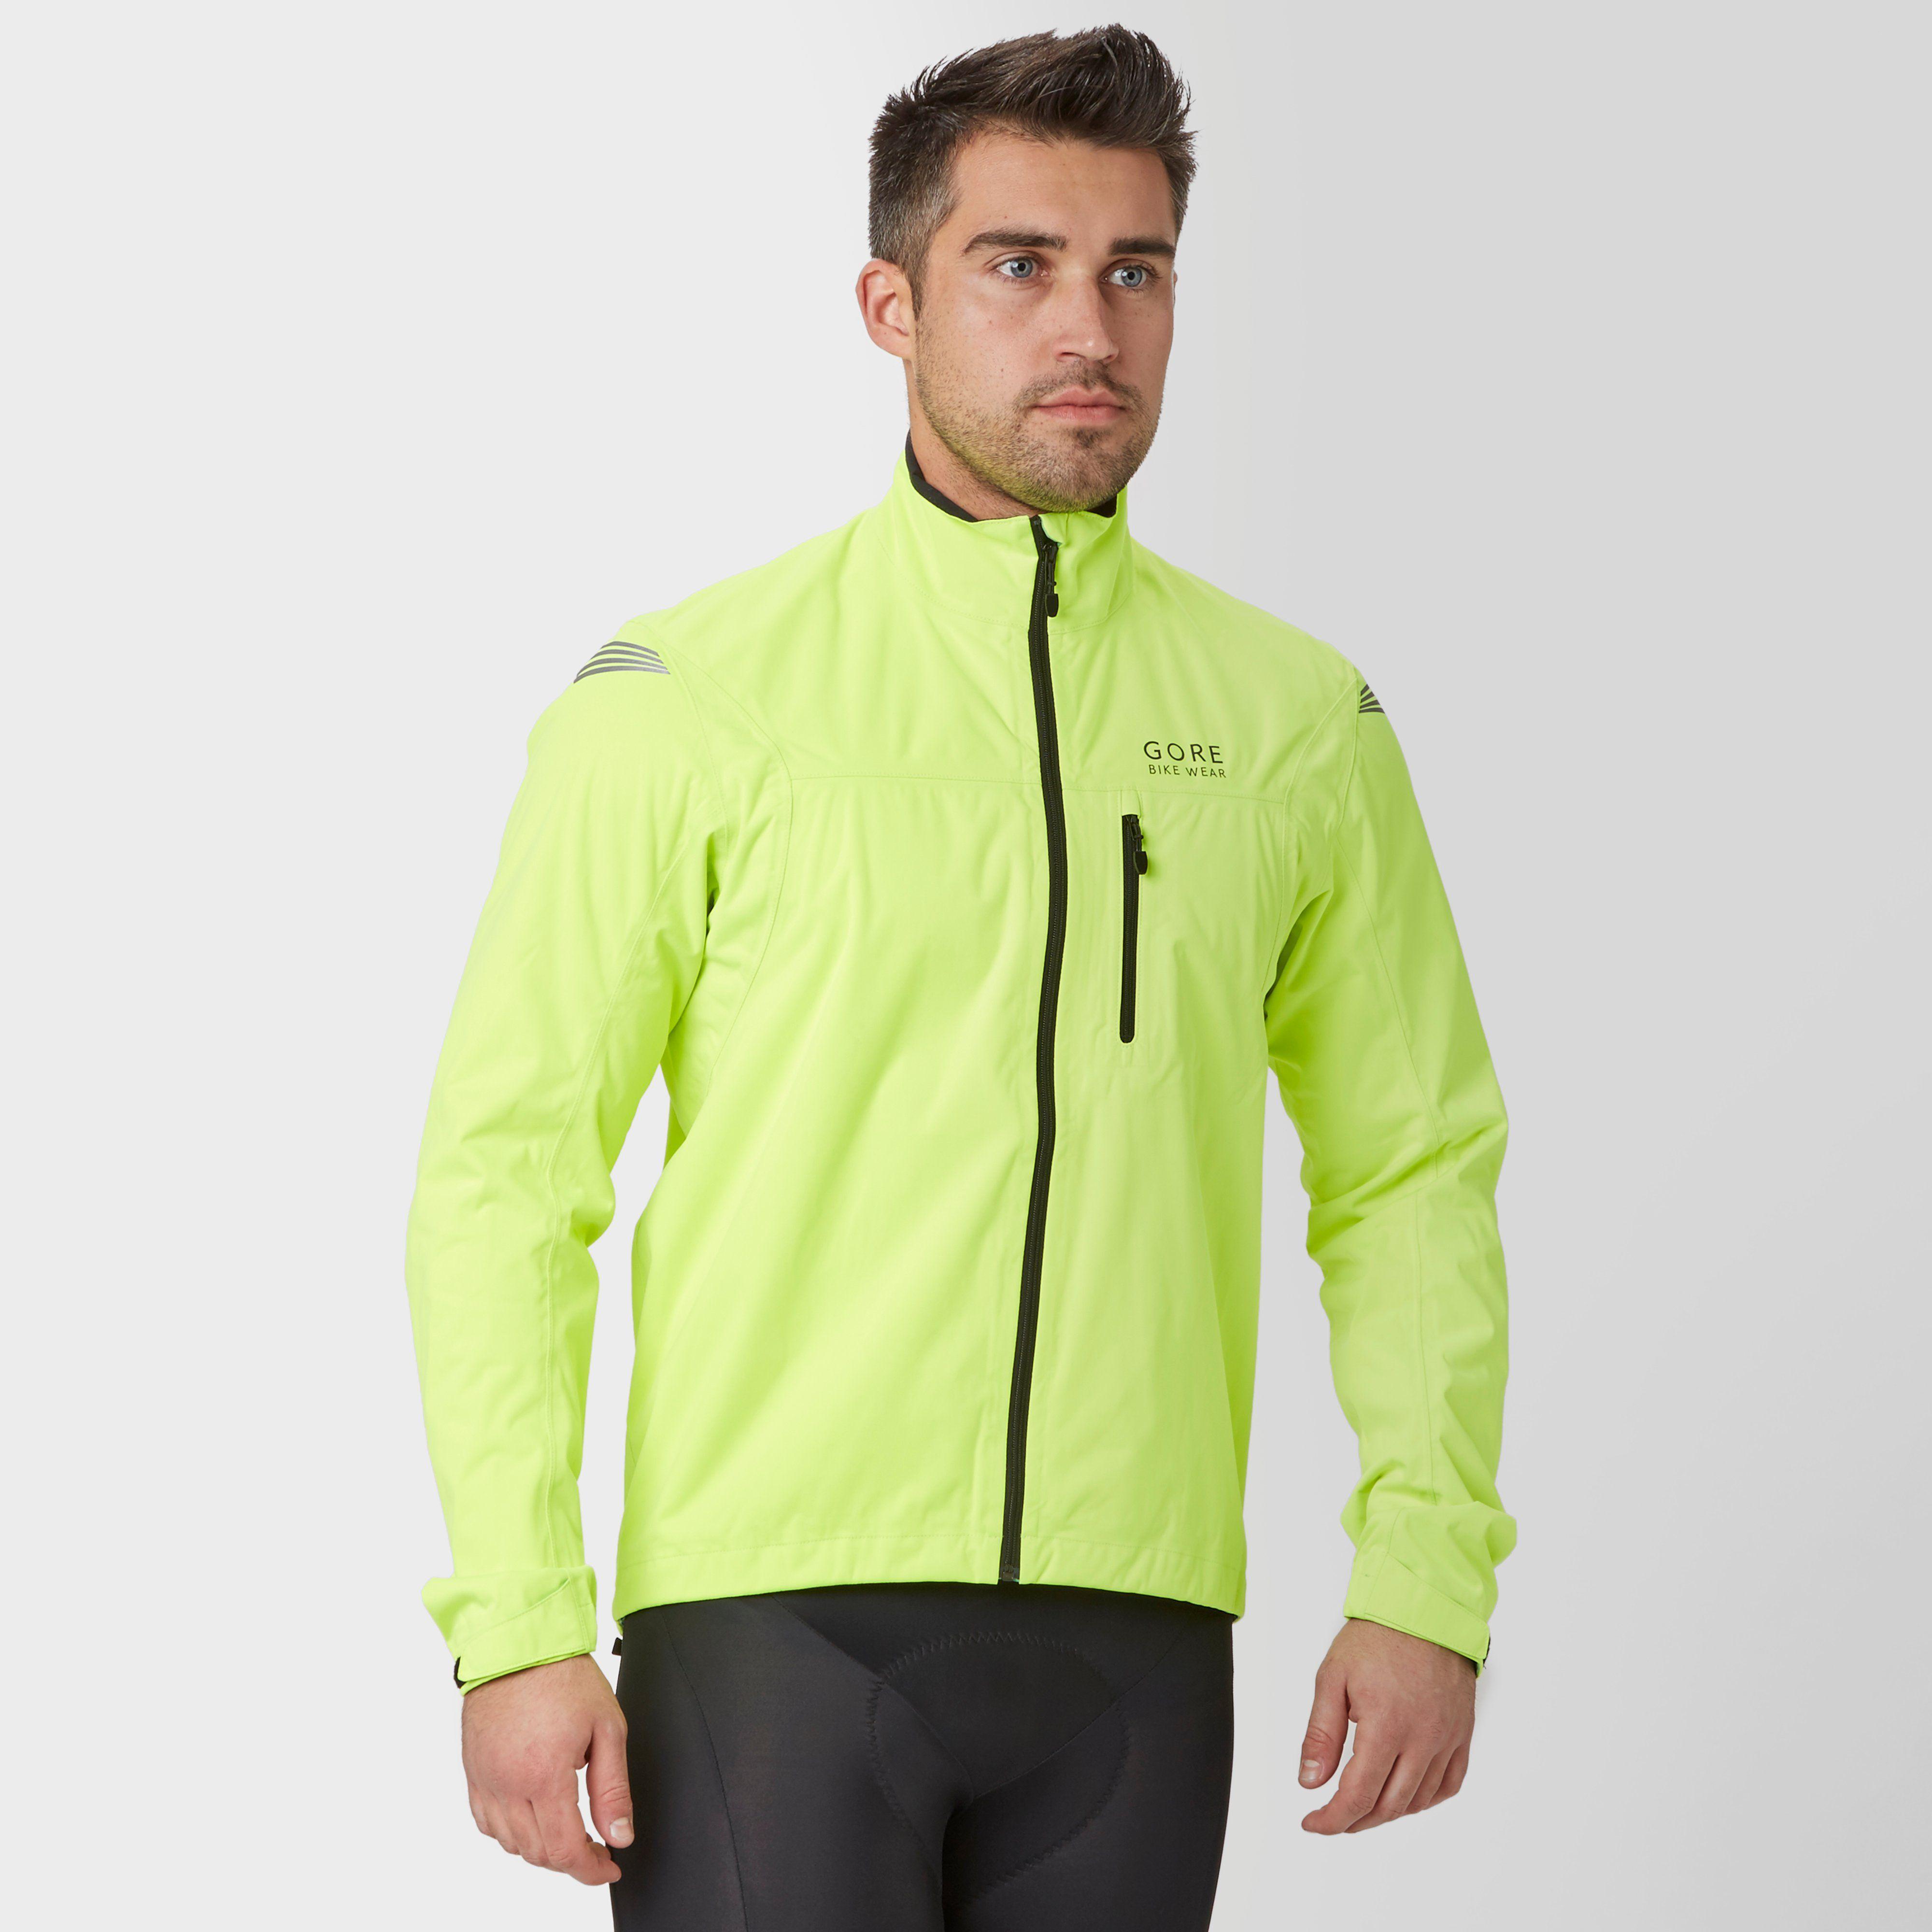 GORE Men's GORE-TEX® Active Jacket